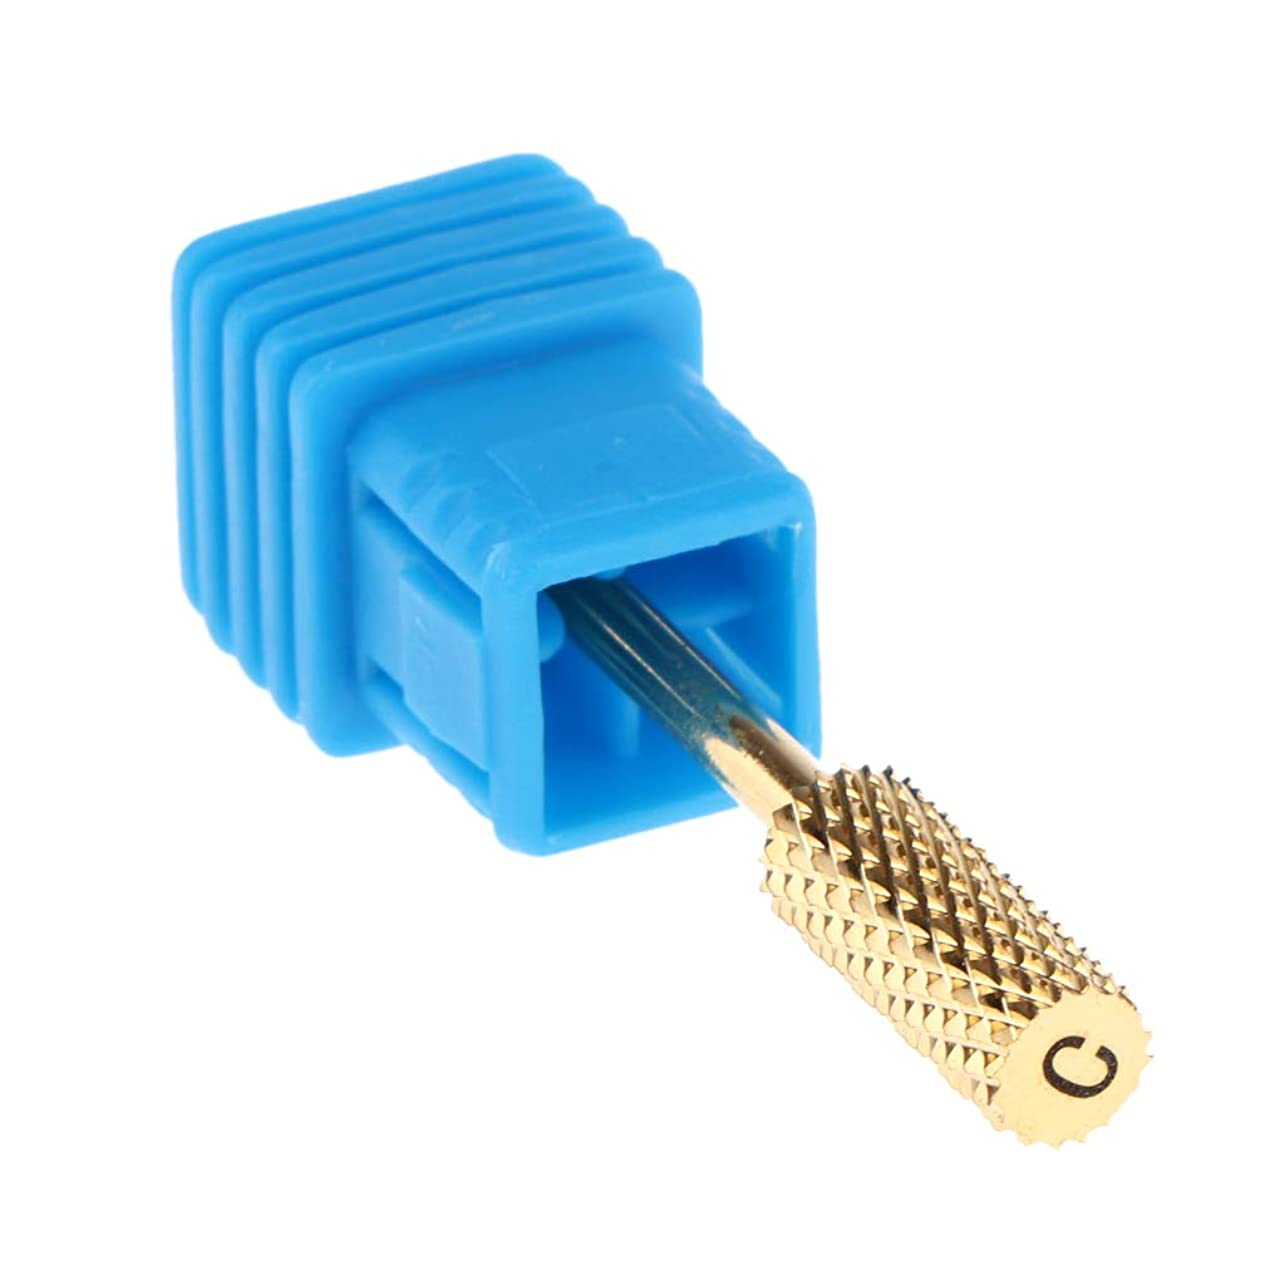 セールスマン気づくなるダンスgazechimp 電気マニキュアドリルビットヘッド 研削ヘッド ネイルケアのため 全4サイズ - C